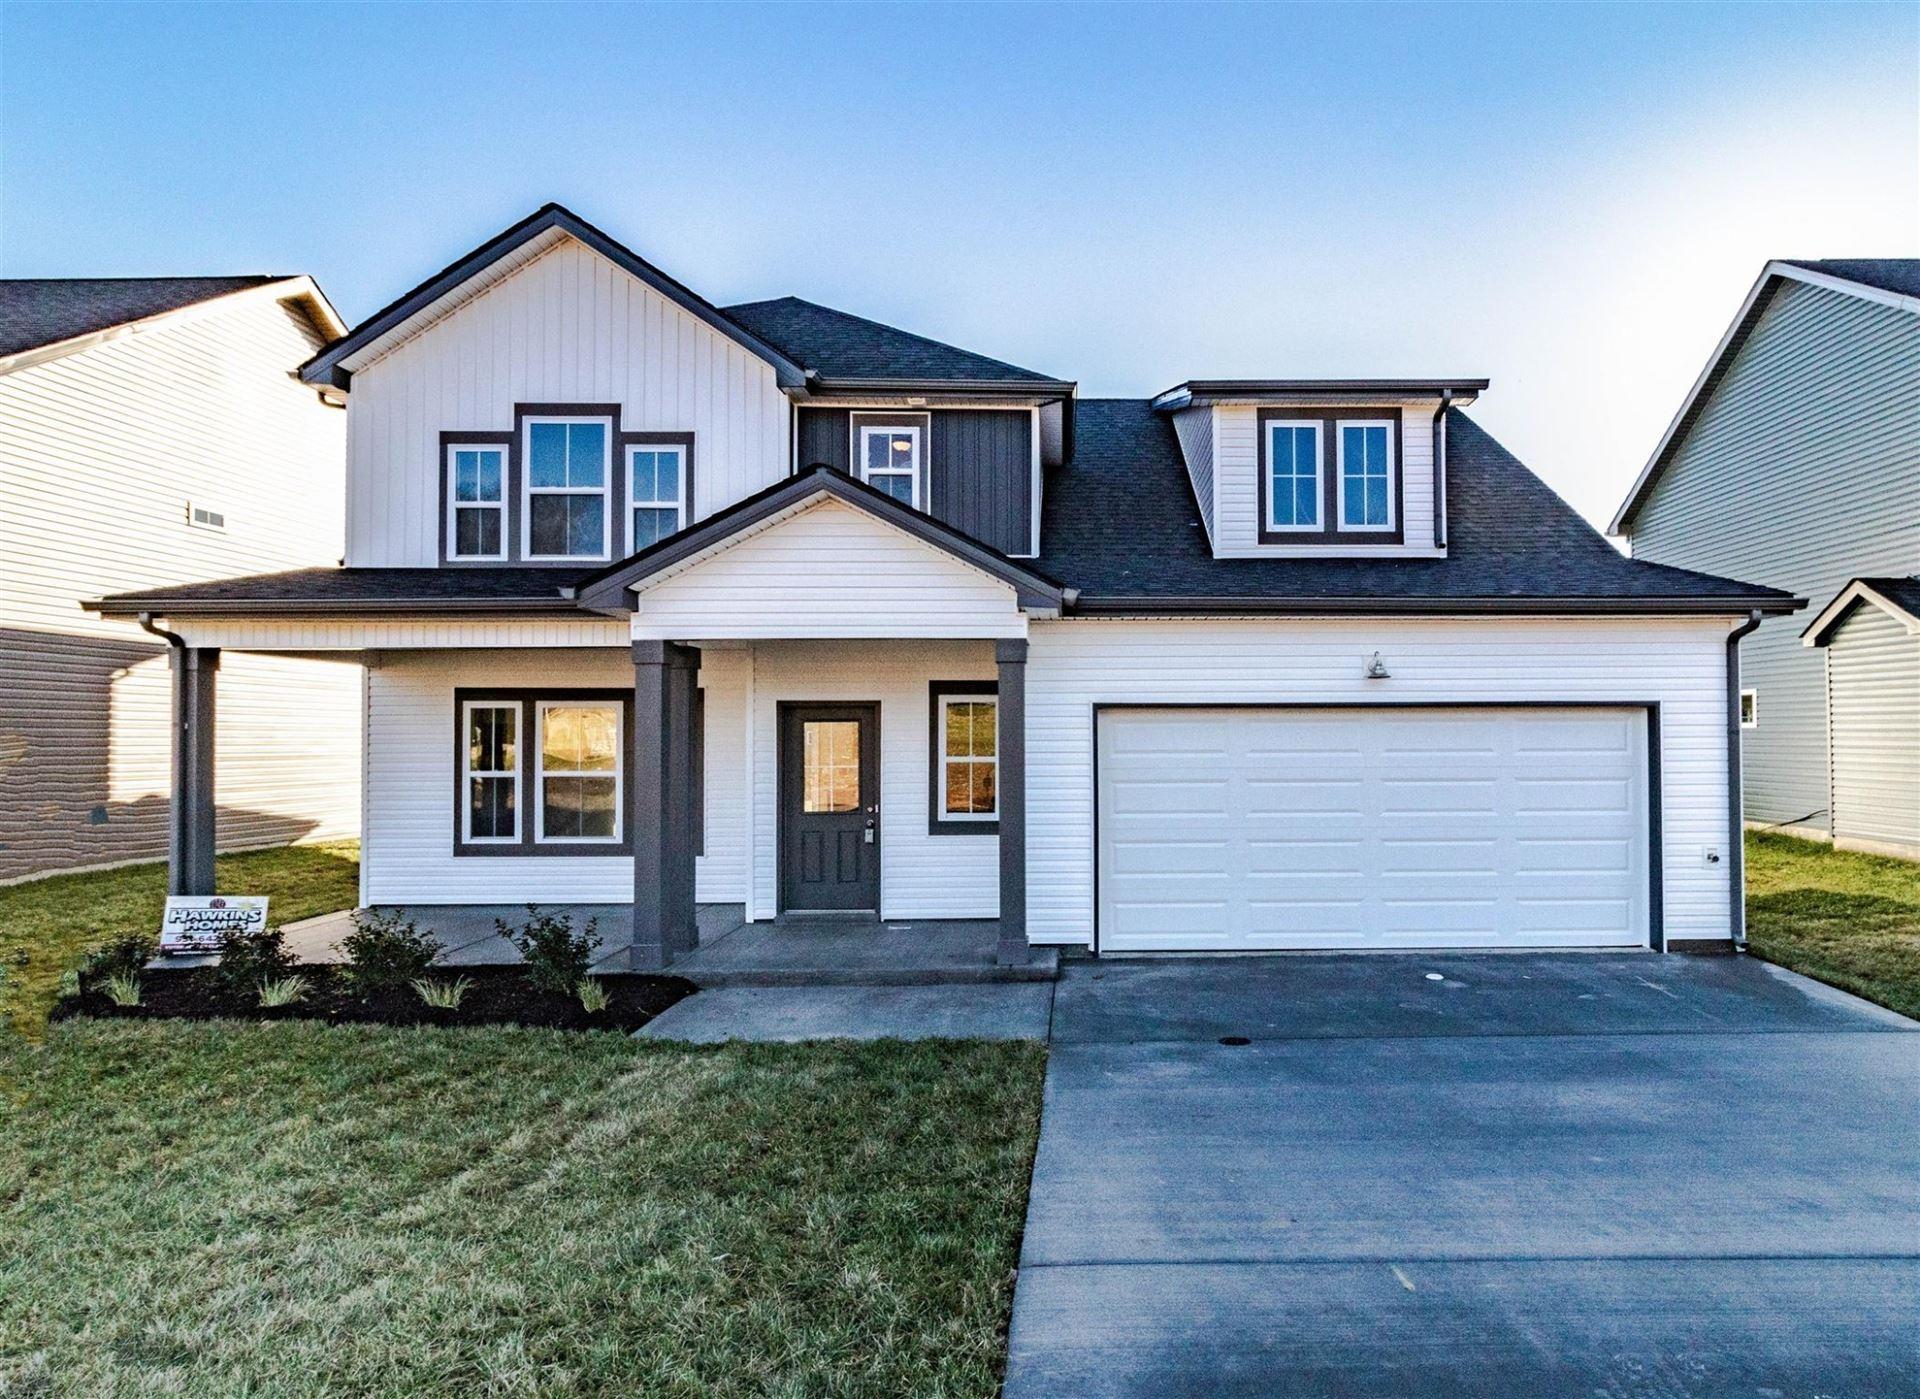 181 Chalet Hills, Clarksville, TN 37040 - MLS#: 2229794